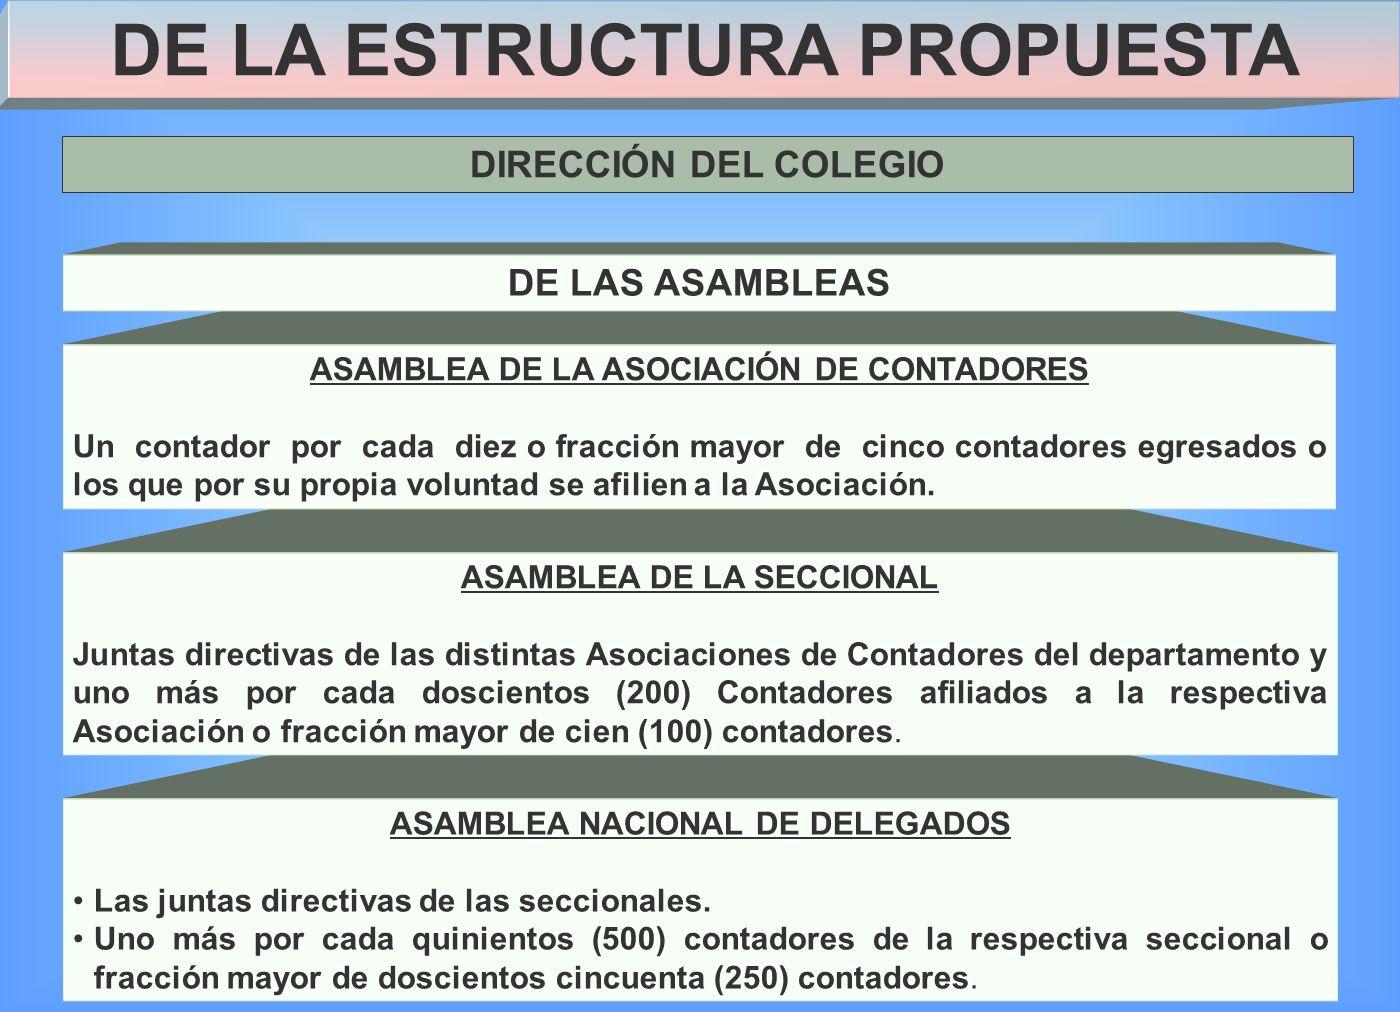 ASAMBLEA NACIONAL DE DELEGADOS Las juntas directivas de las seccionales.